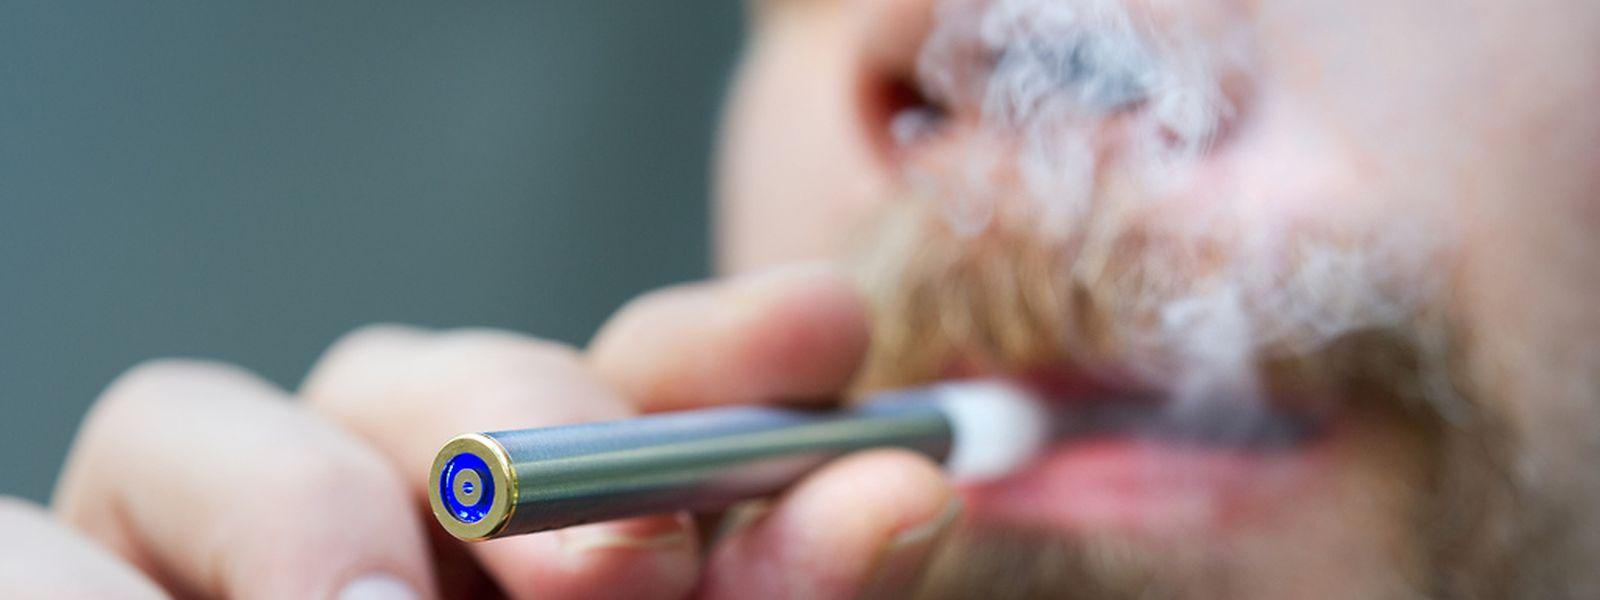 E-Zigaretten helfen Rauchern aufzuhören